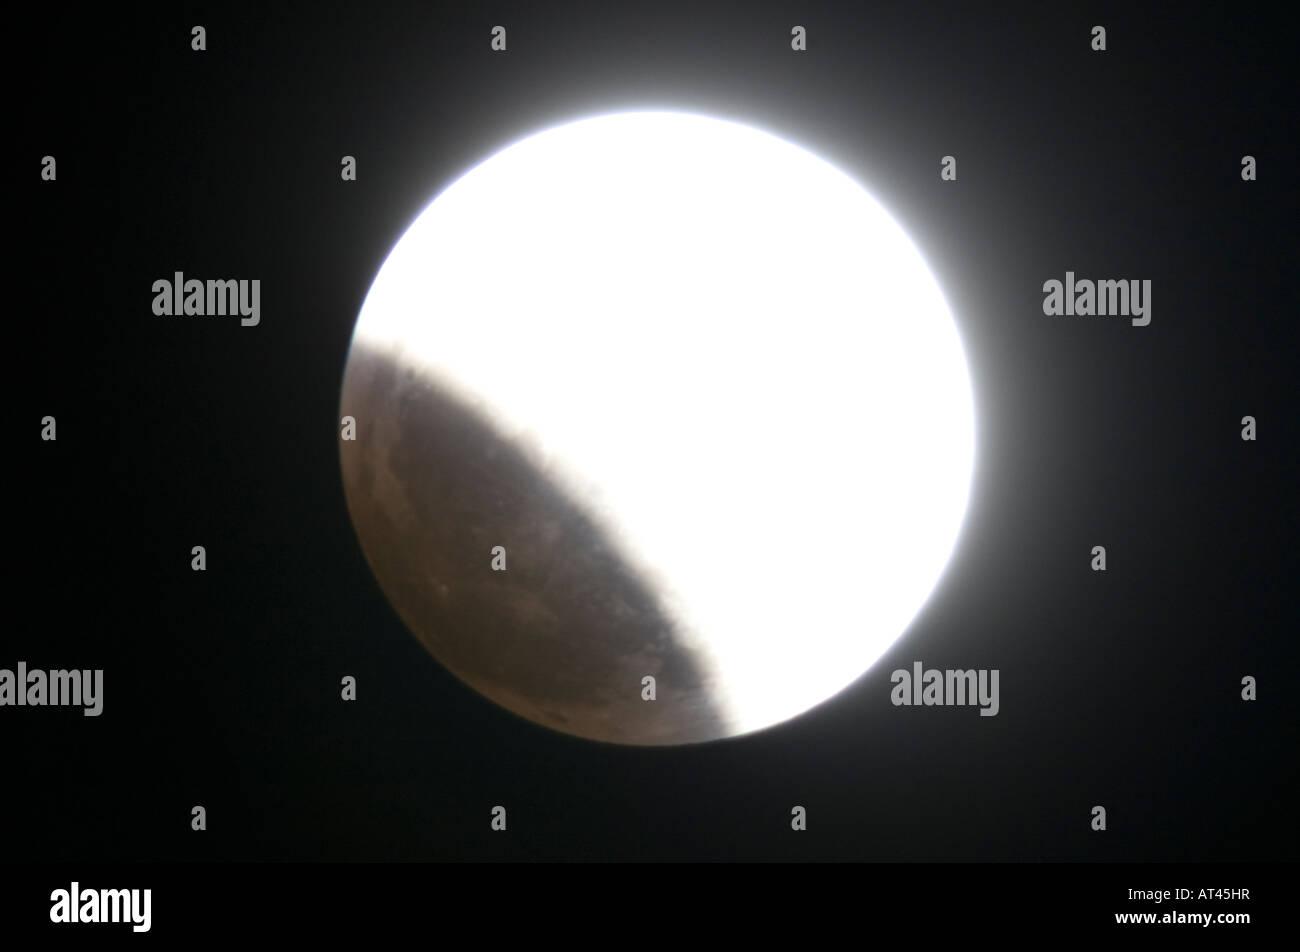 Eine totale Mondfinsternis am 20. Februar 2008 Stockbild